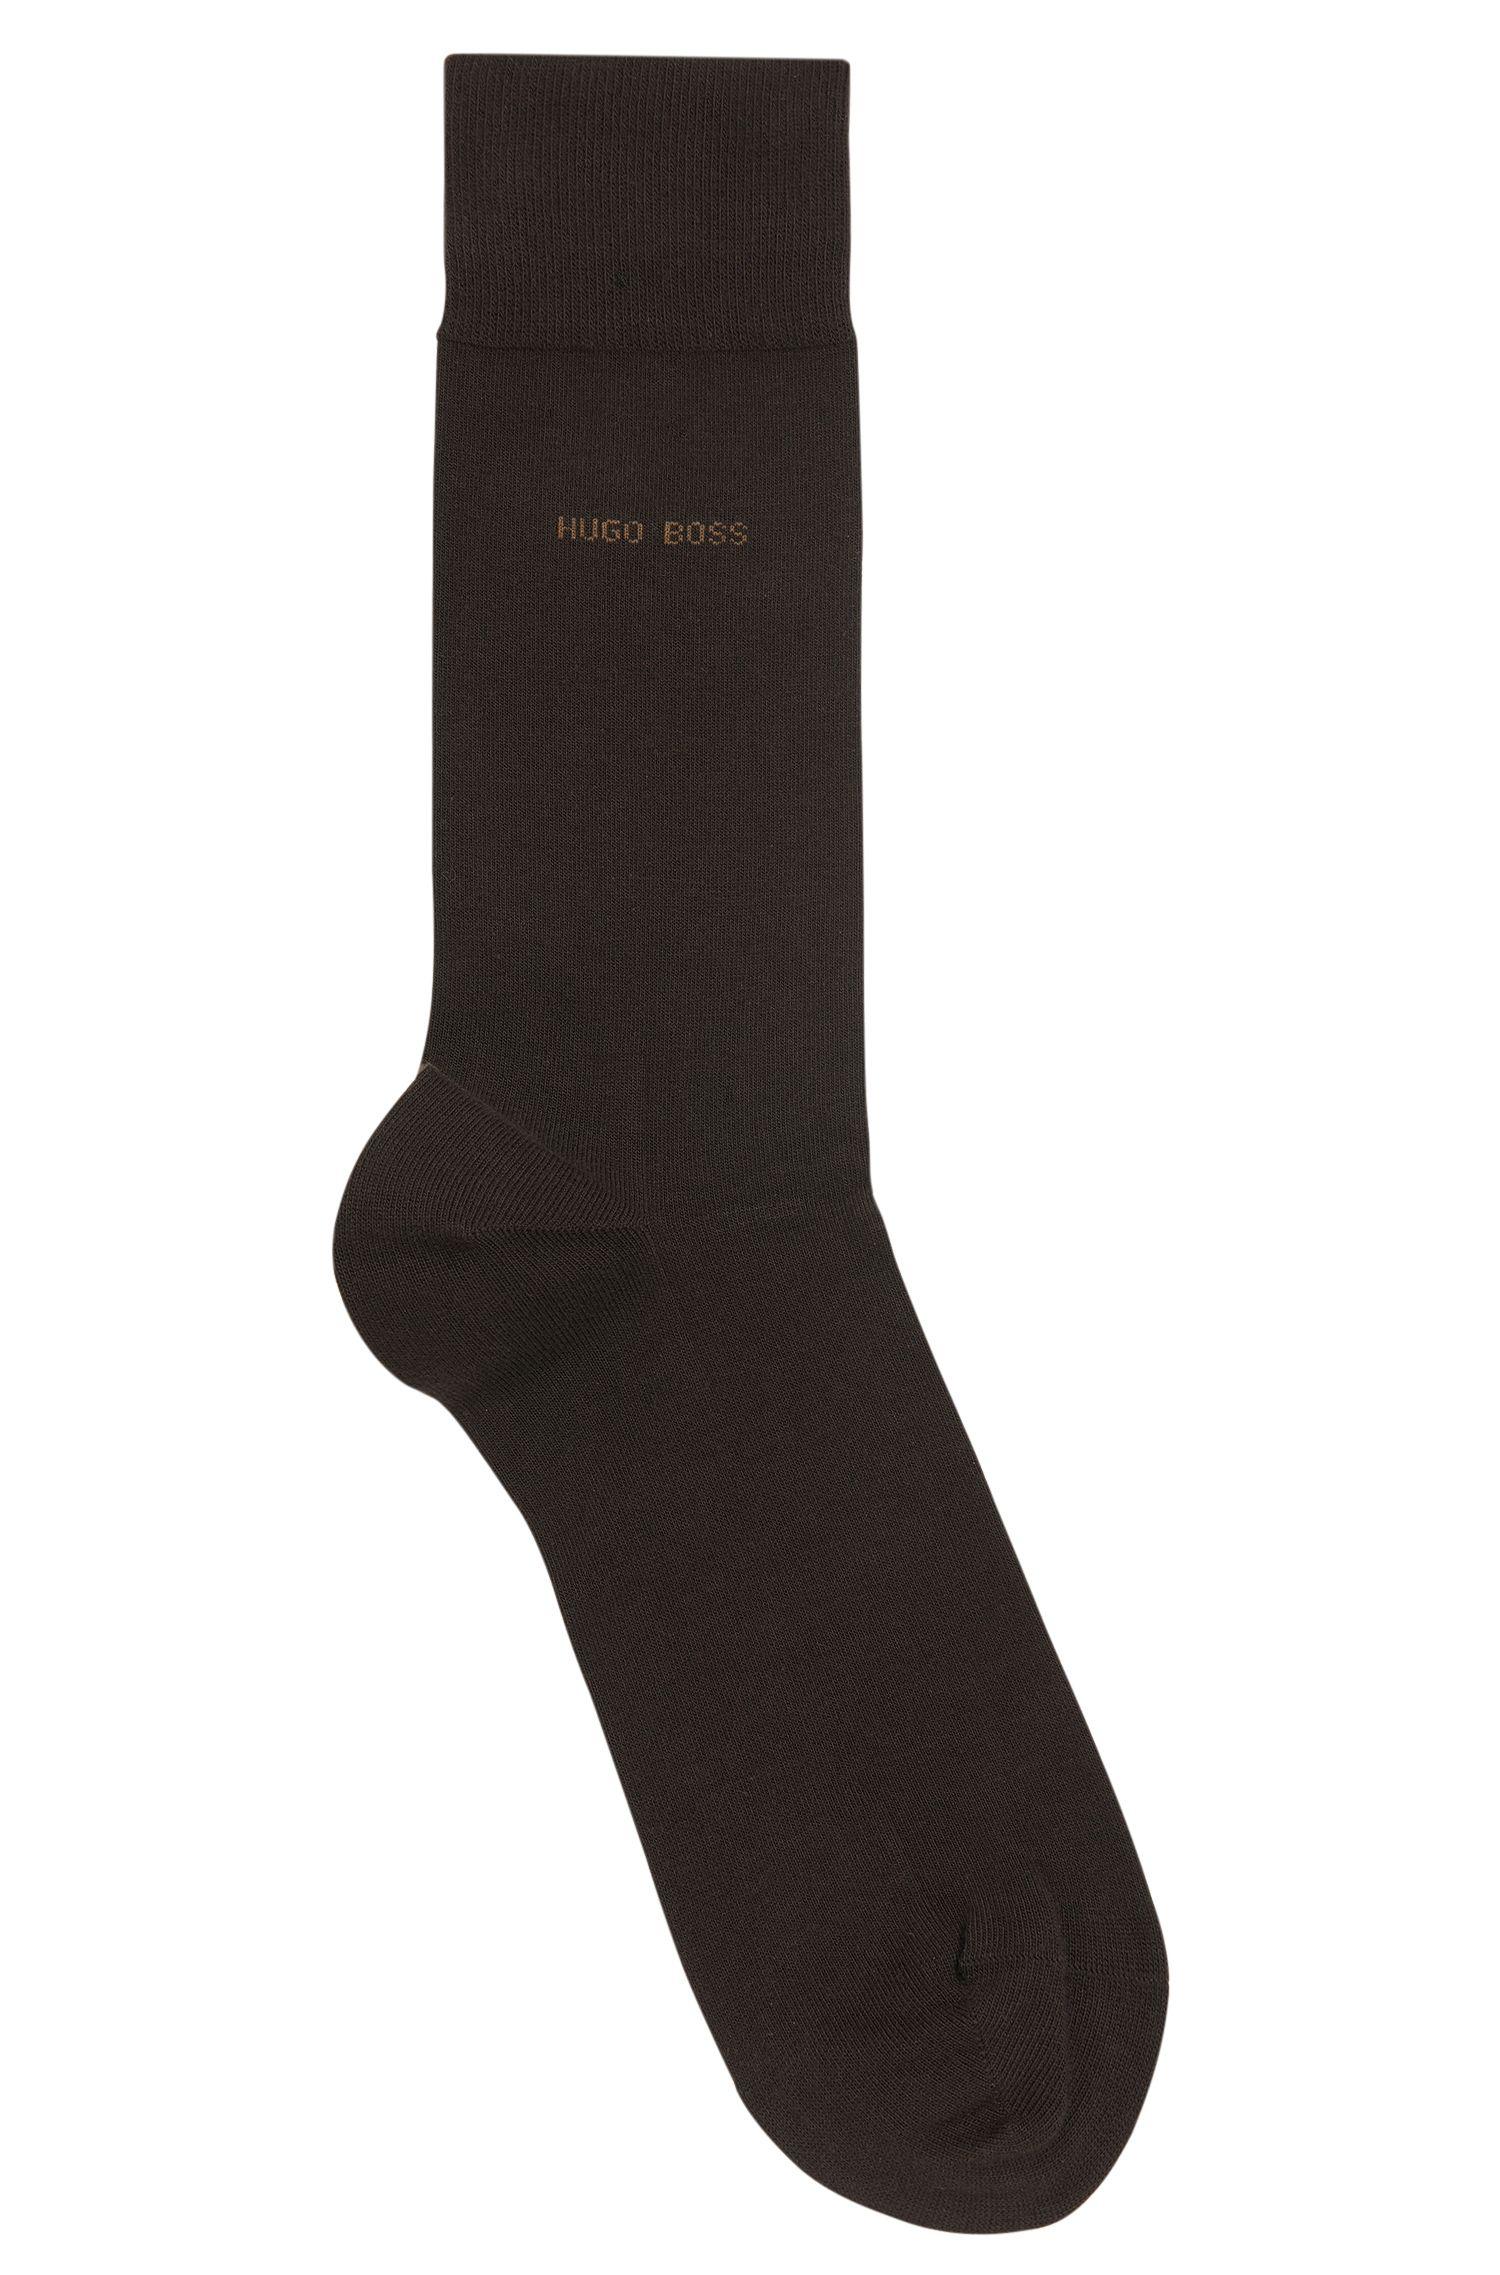 Socken aus Stretch-Baumwolle mit handgekettelter Spitze, Dunkelbraun